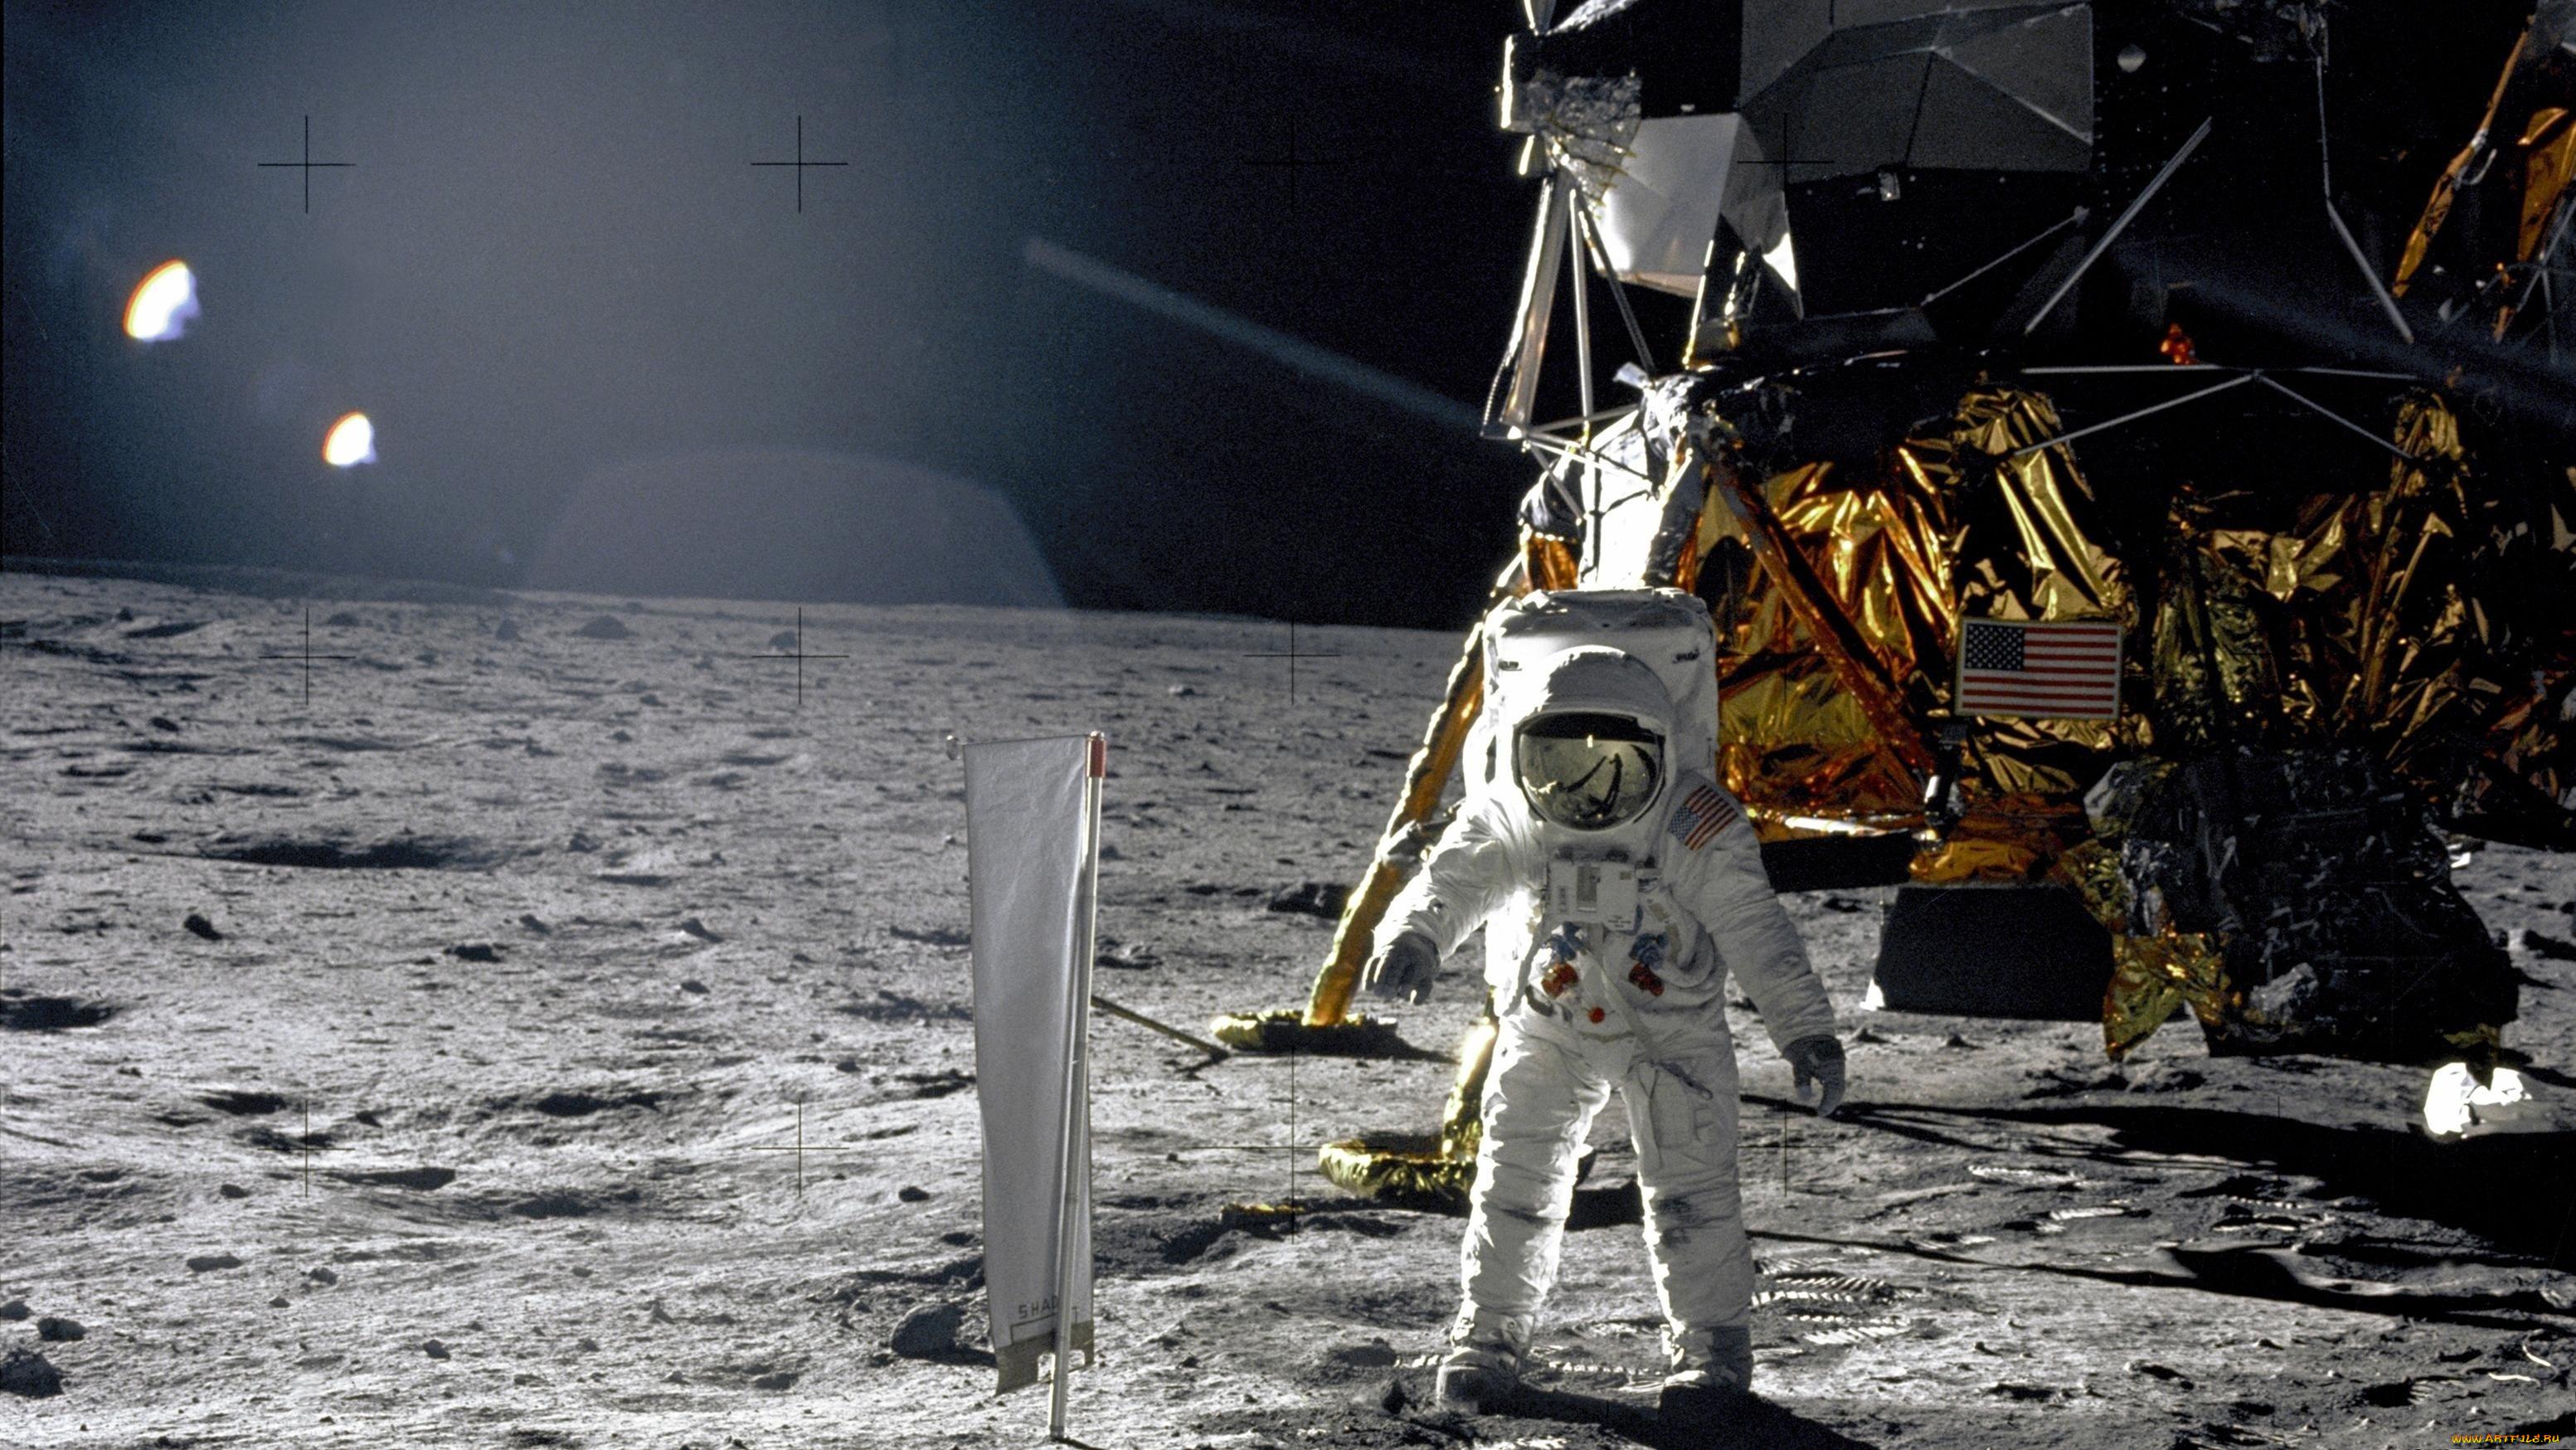 moon landing fake - HD1600×1200